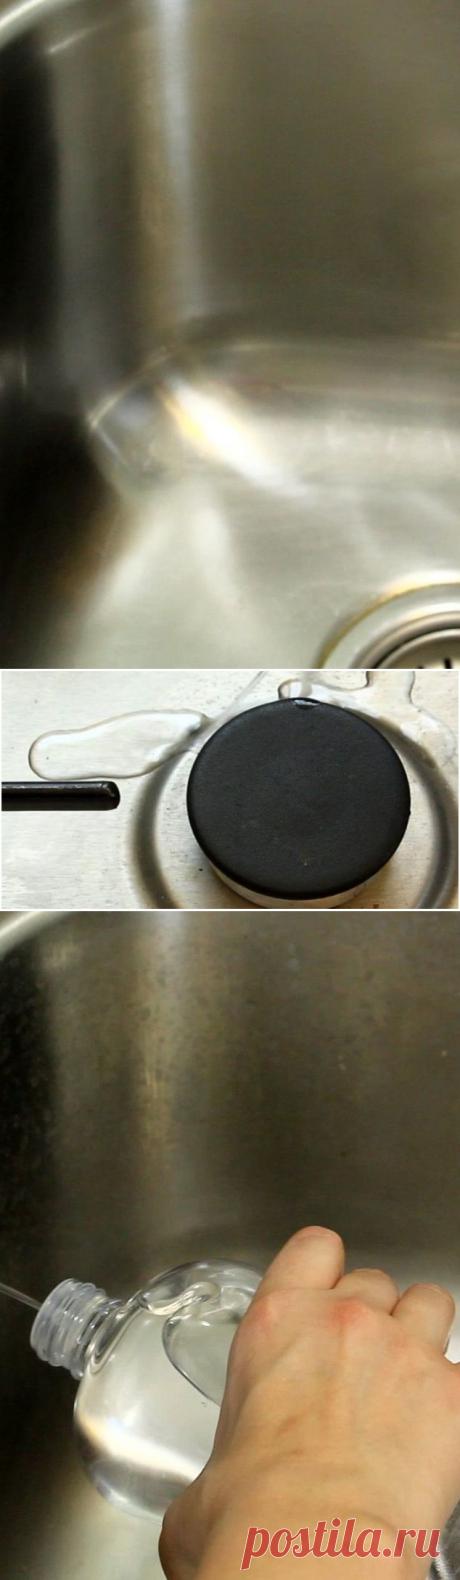 El método simple y barato para el fregadero de cocina que radia en 3 minutos